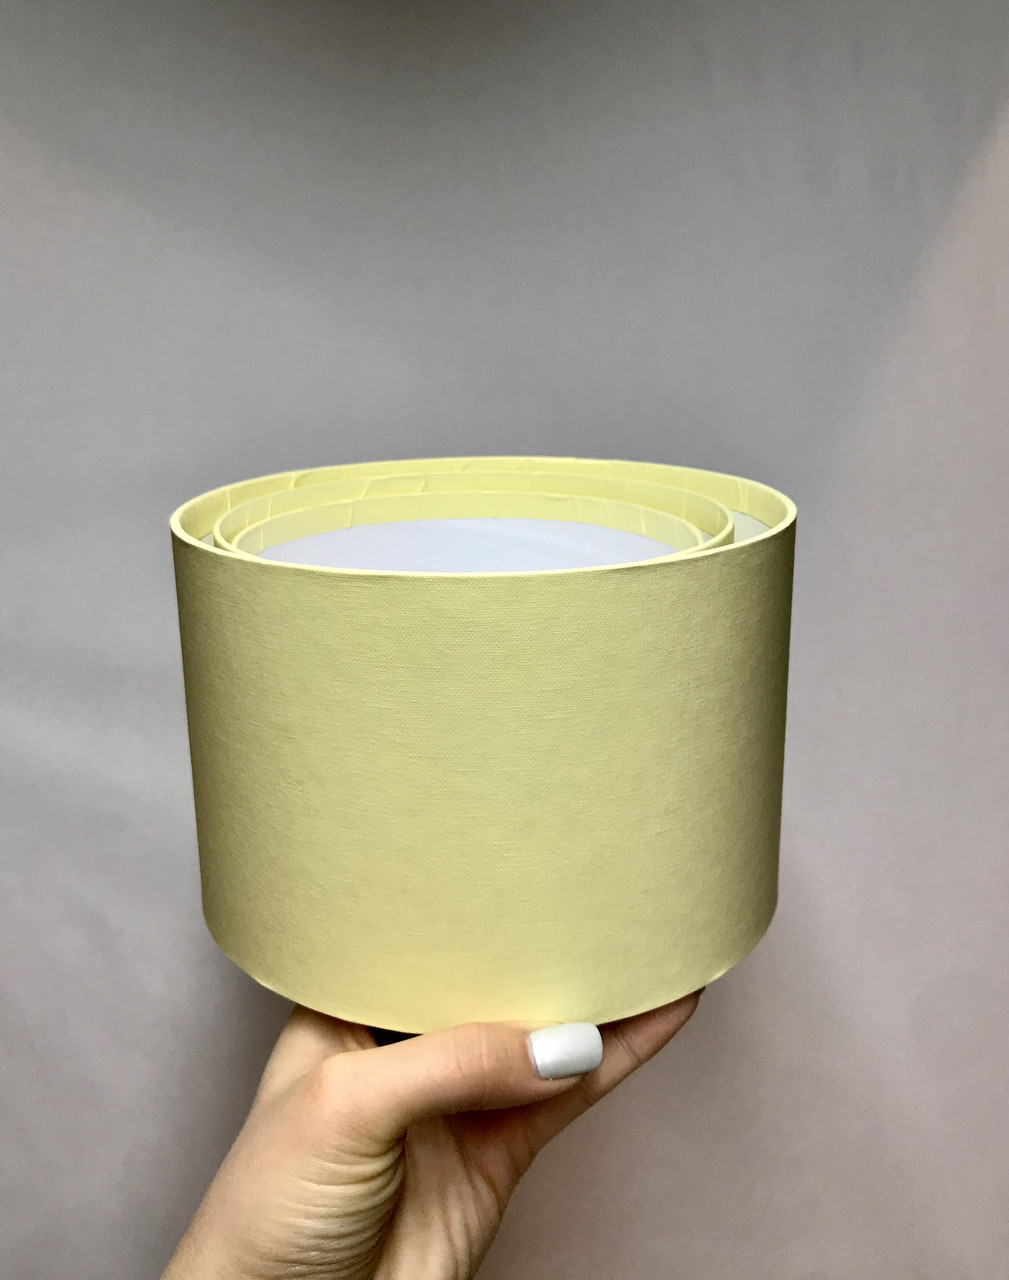 Коробка средняя круглая низкая без крышки